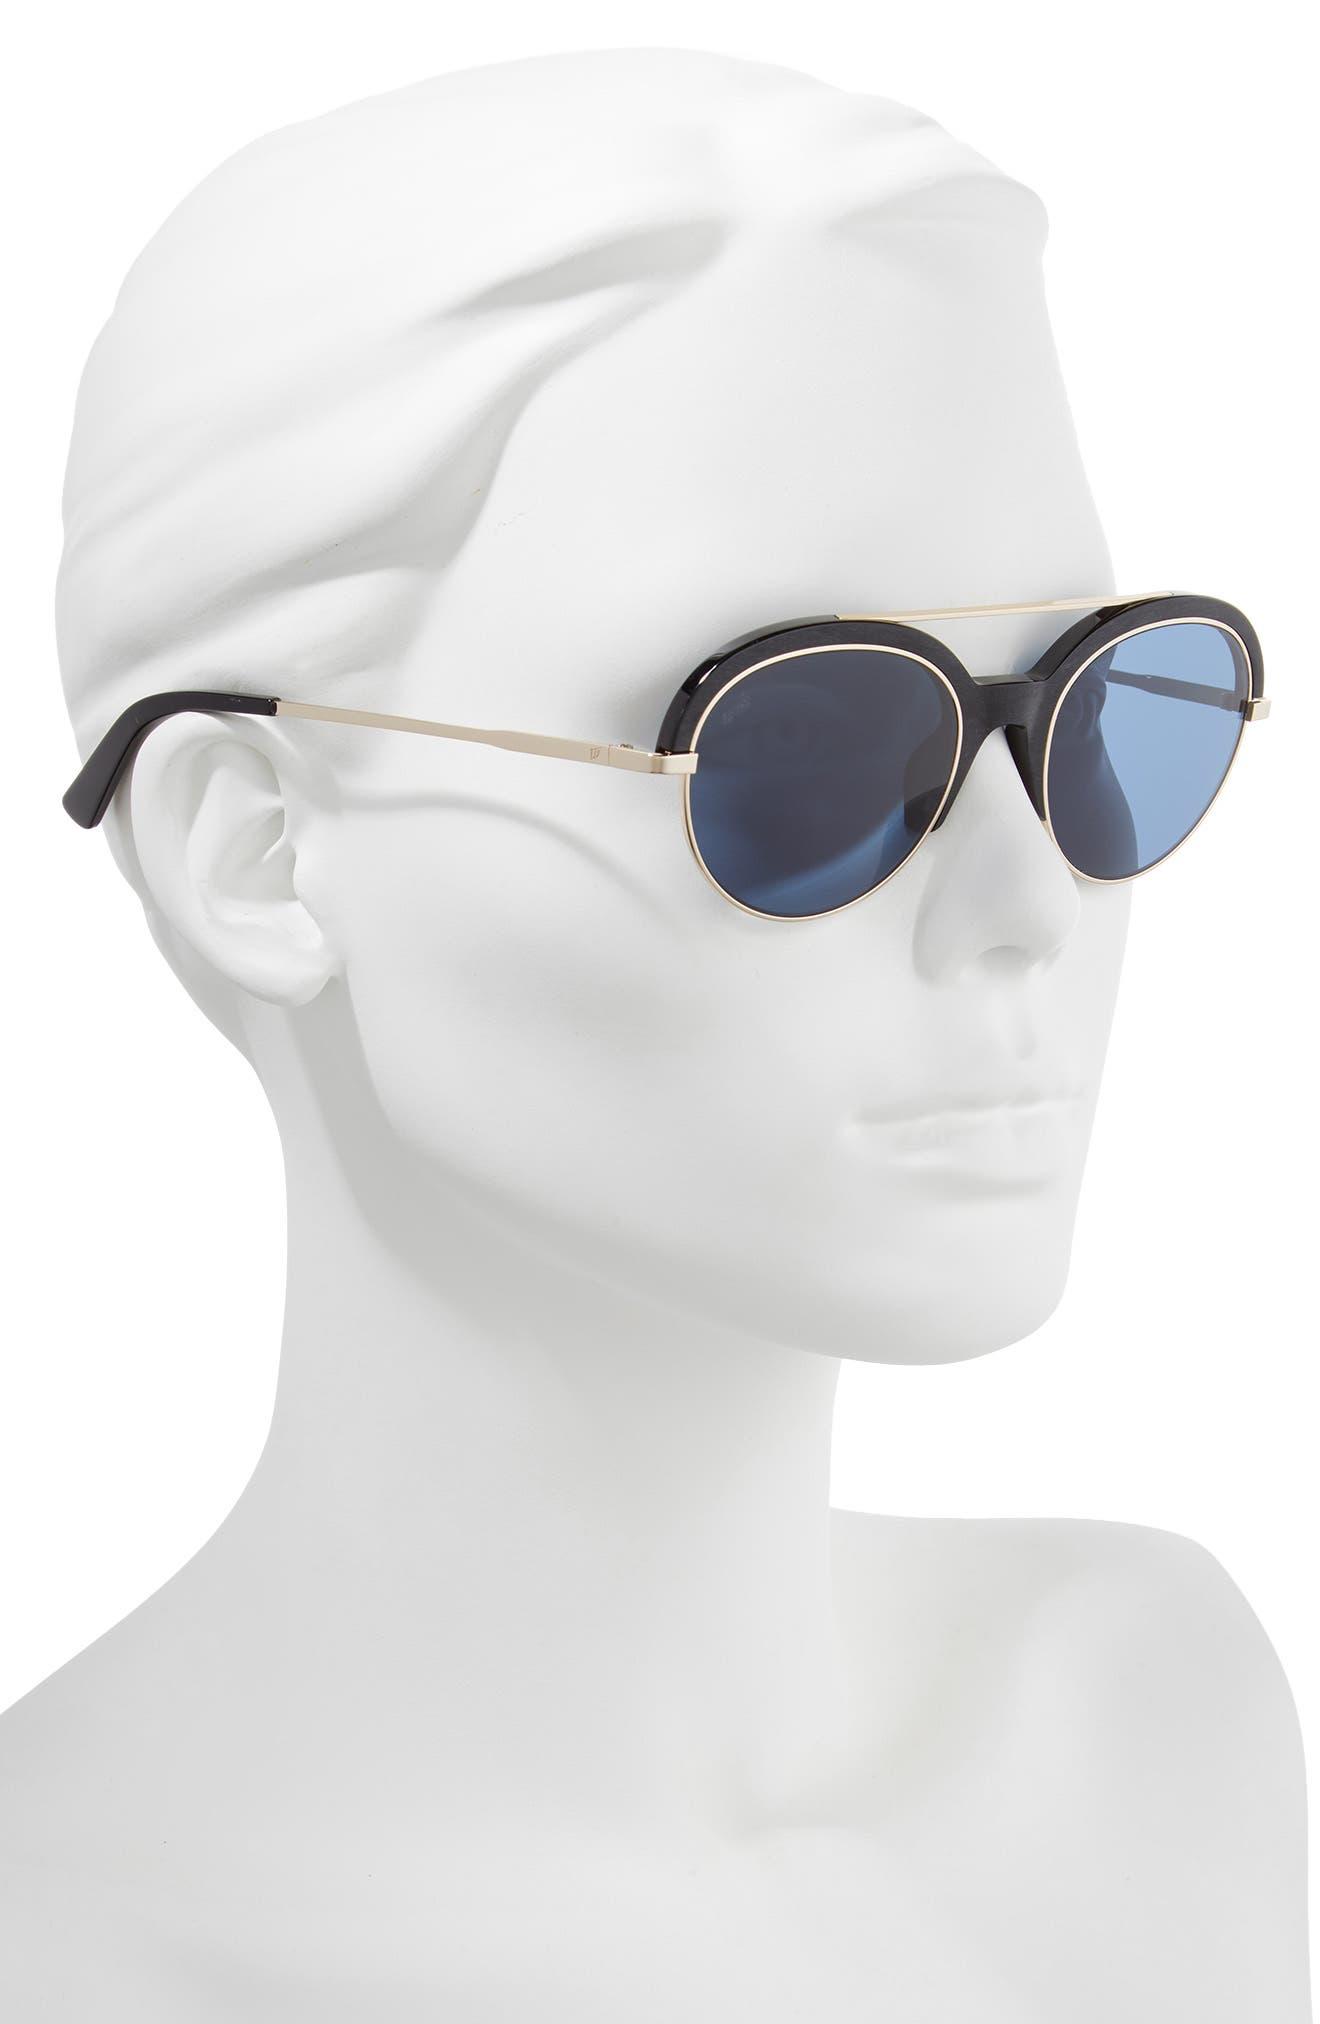 WEB,                             51mm Aviator Sunglasses,                             Alternate thumbnail 2, color,                             SHINY BLACK/ BLUE